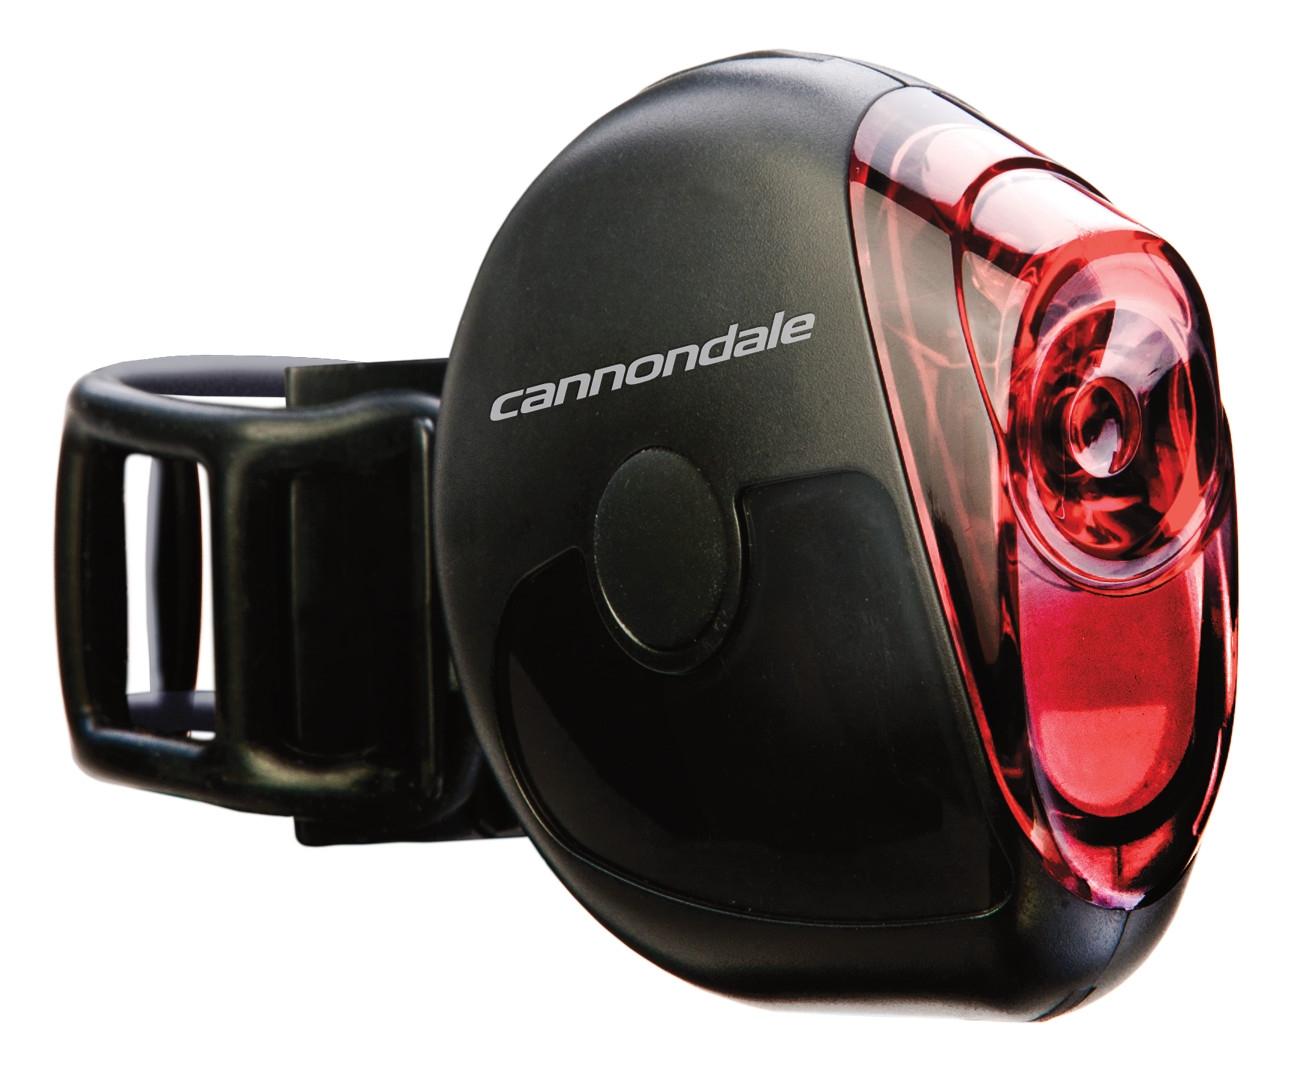 Éclairage arrière Cannondale Hindsite Plus 1 LED 0,5 W